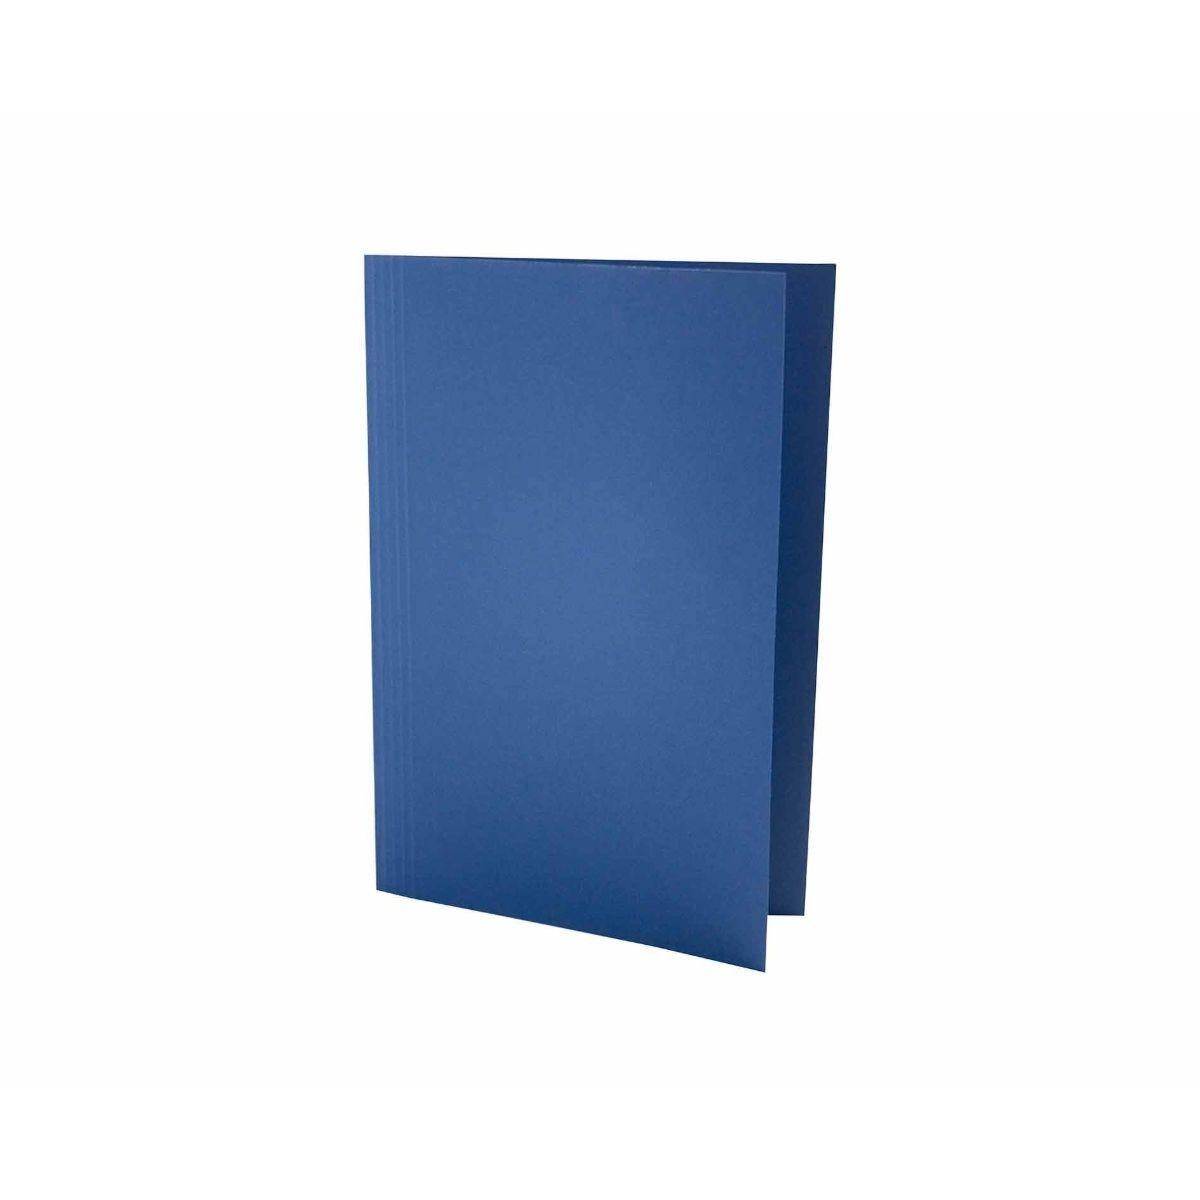 Exacompta Foolscap Folder Pack of 100 180gsm Blue